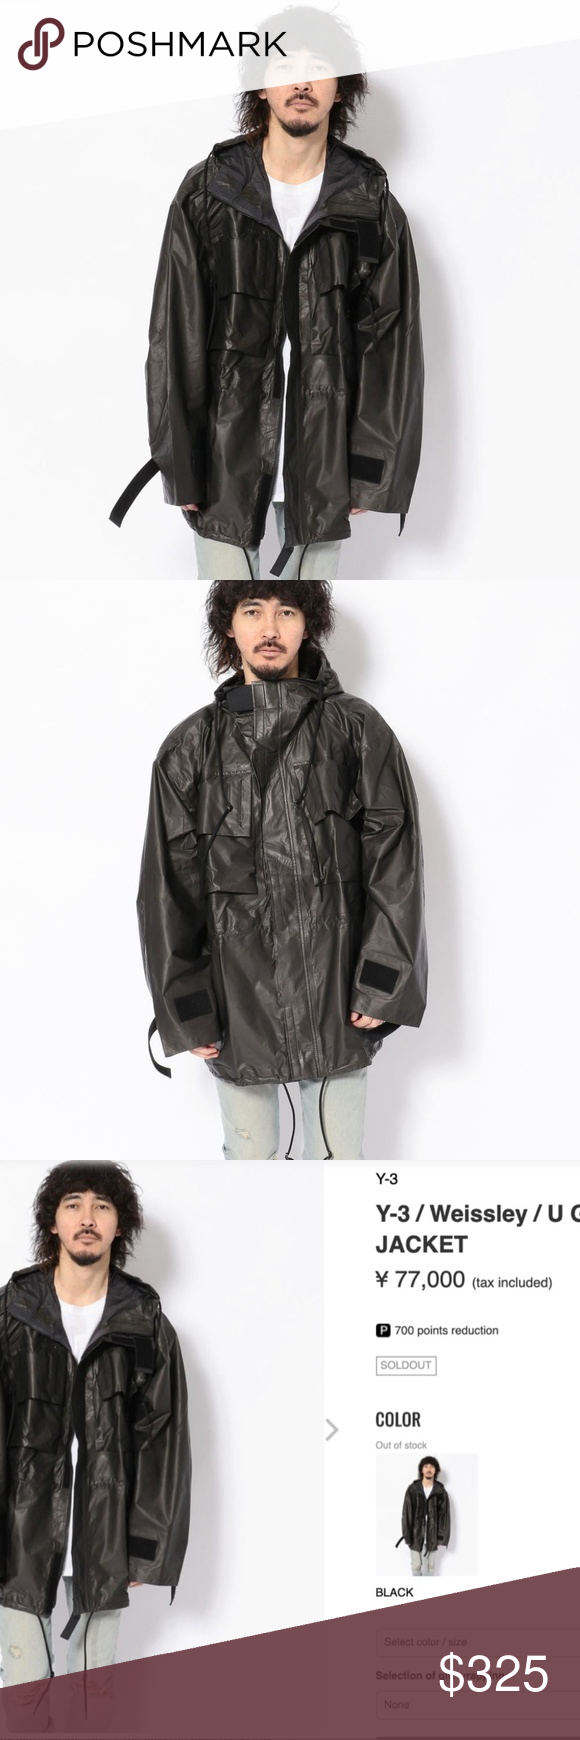 Y 3 Yohji Yamamoto Adidas Gore Tex Oversize Jacket Oversized Jacket Yohji Yamamoto Jacket Brands